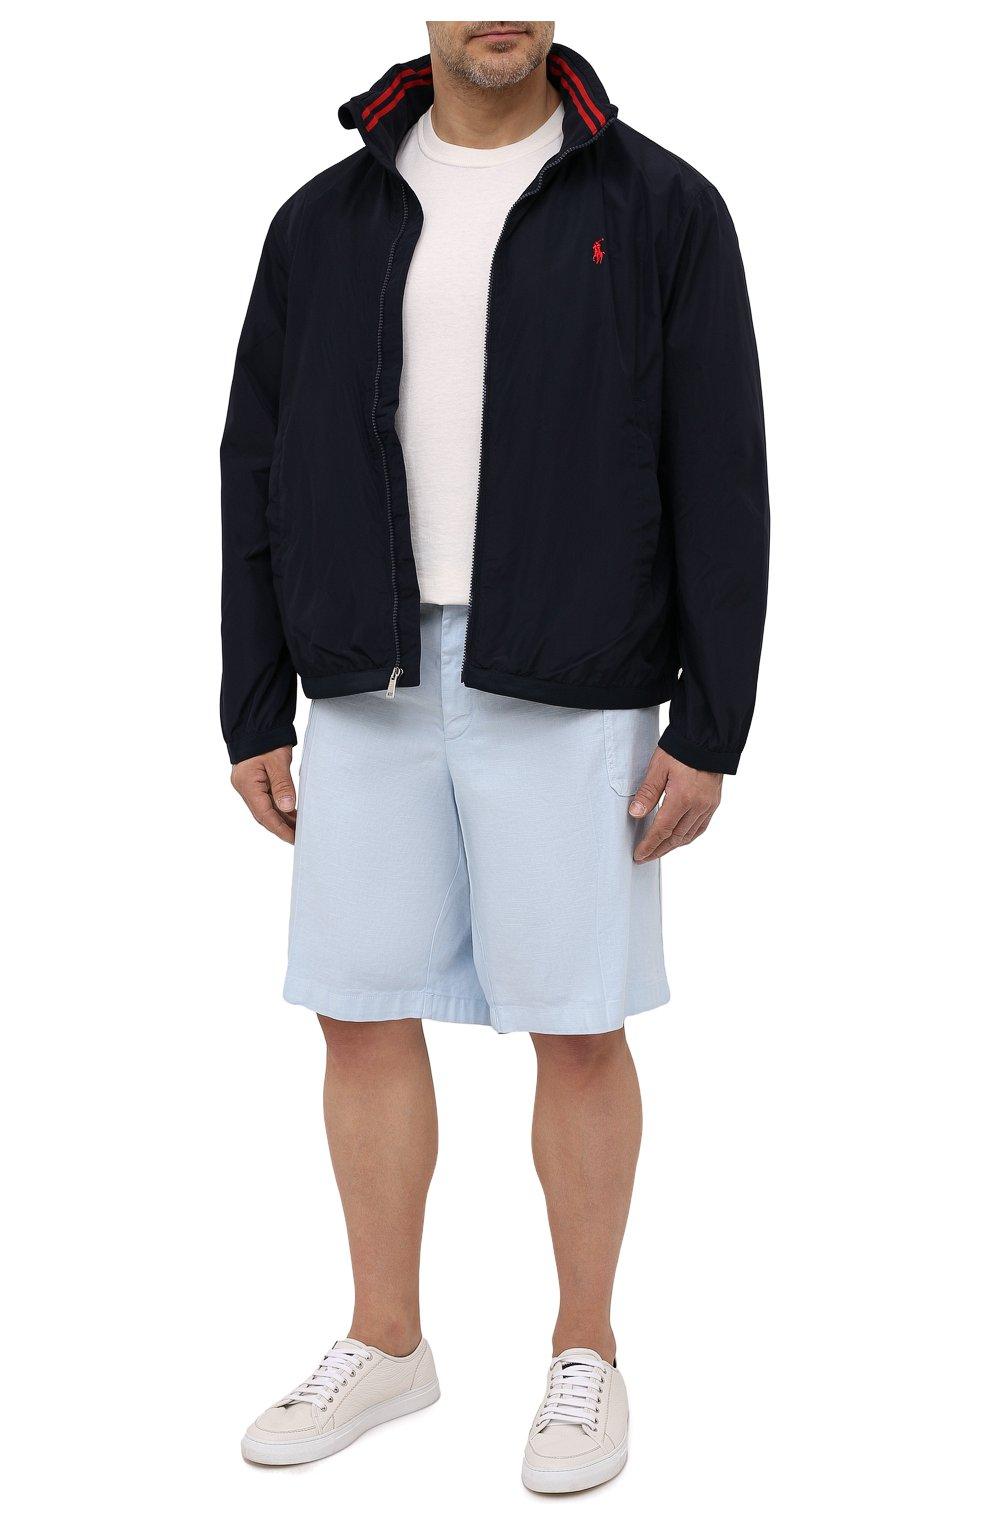 Мужской бомбер POLO RALPH LAUREN темно-синего цвета, арт. 711777217/PRL BS | Фото 2 (Кросс-КТ: Куртка; Big sizes: Big Sizes; Рукава: Длинные; Принт: Без принта; Материал внешний: Синтетический материал; Материал подклада: Синтетический материал; Длина (верхняя одежда): Короткие; Стили: Кэжуэл)